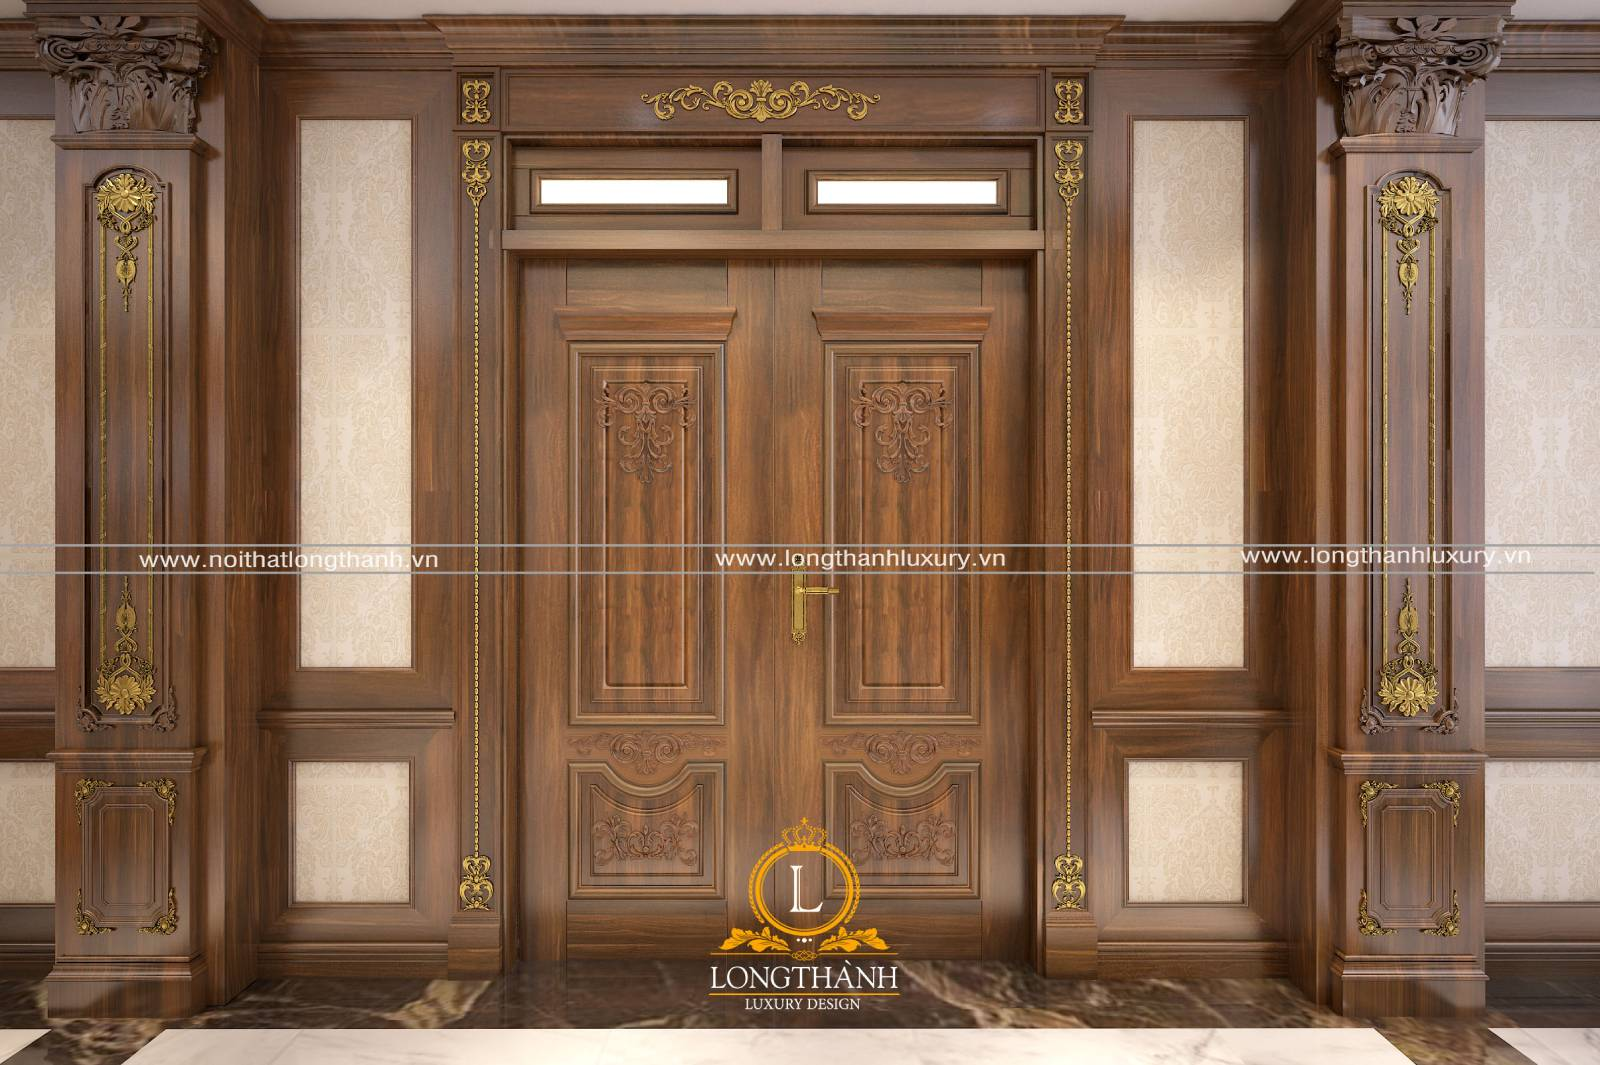 Tính giá cửa gỗ tự nhiên cho phòng khách với loại cửa 2 cánh